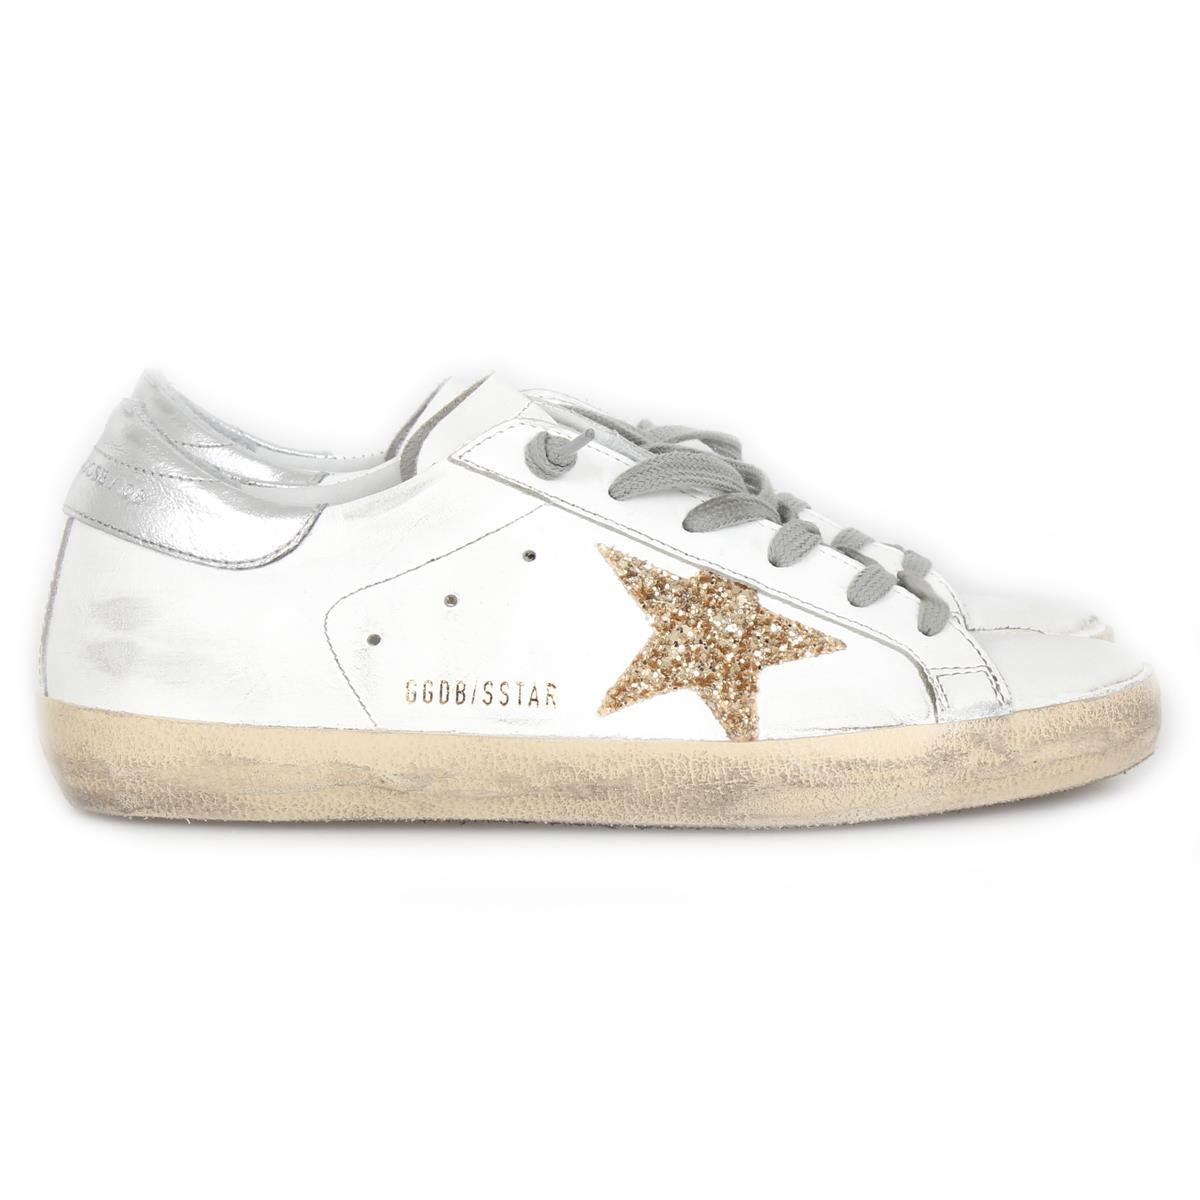 Oie D'or Chaussures De Sport D'oie D'or Superstar 36 38 39 zft0FmZwR